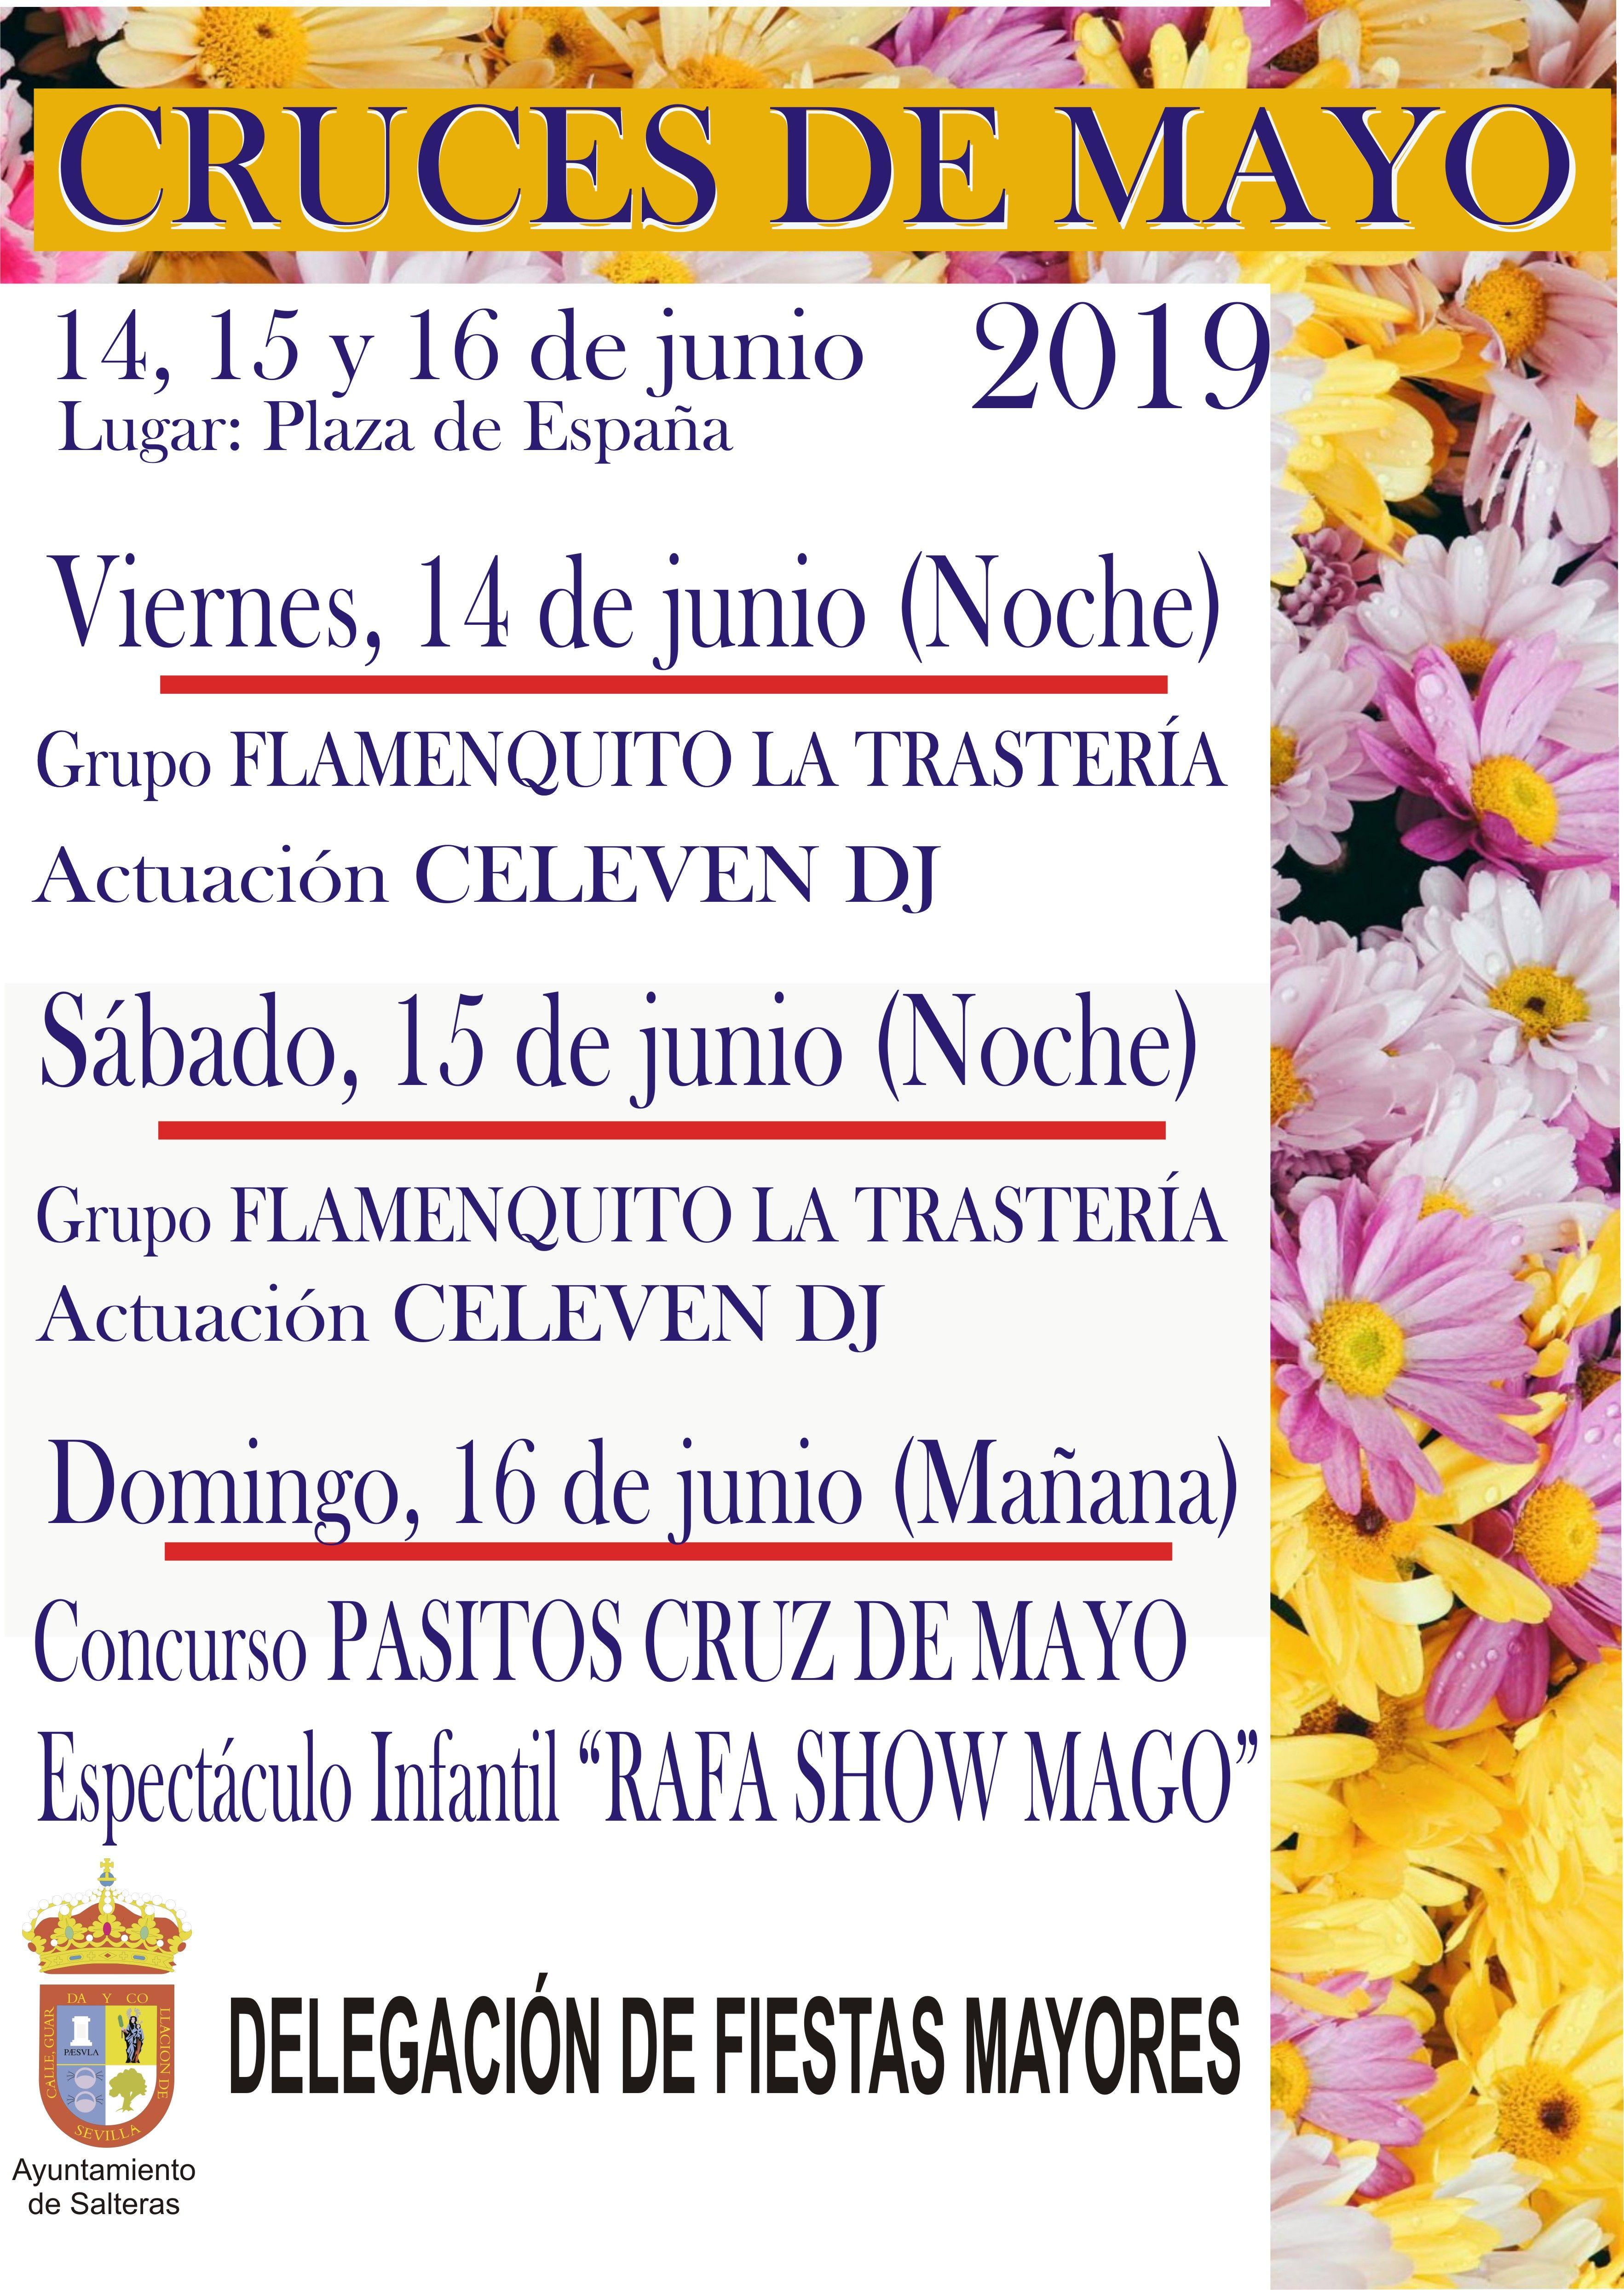 Programa de las CRUCES DE MAYO 2019